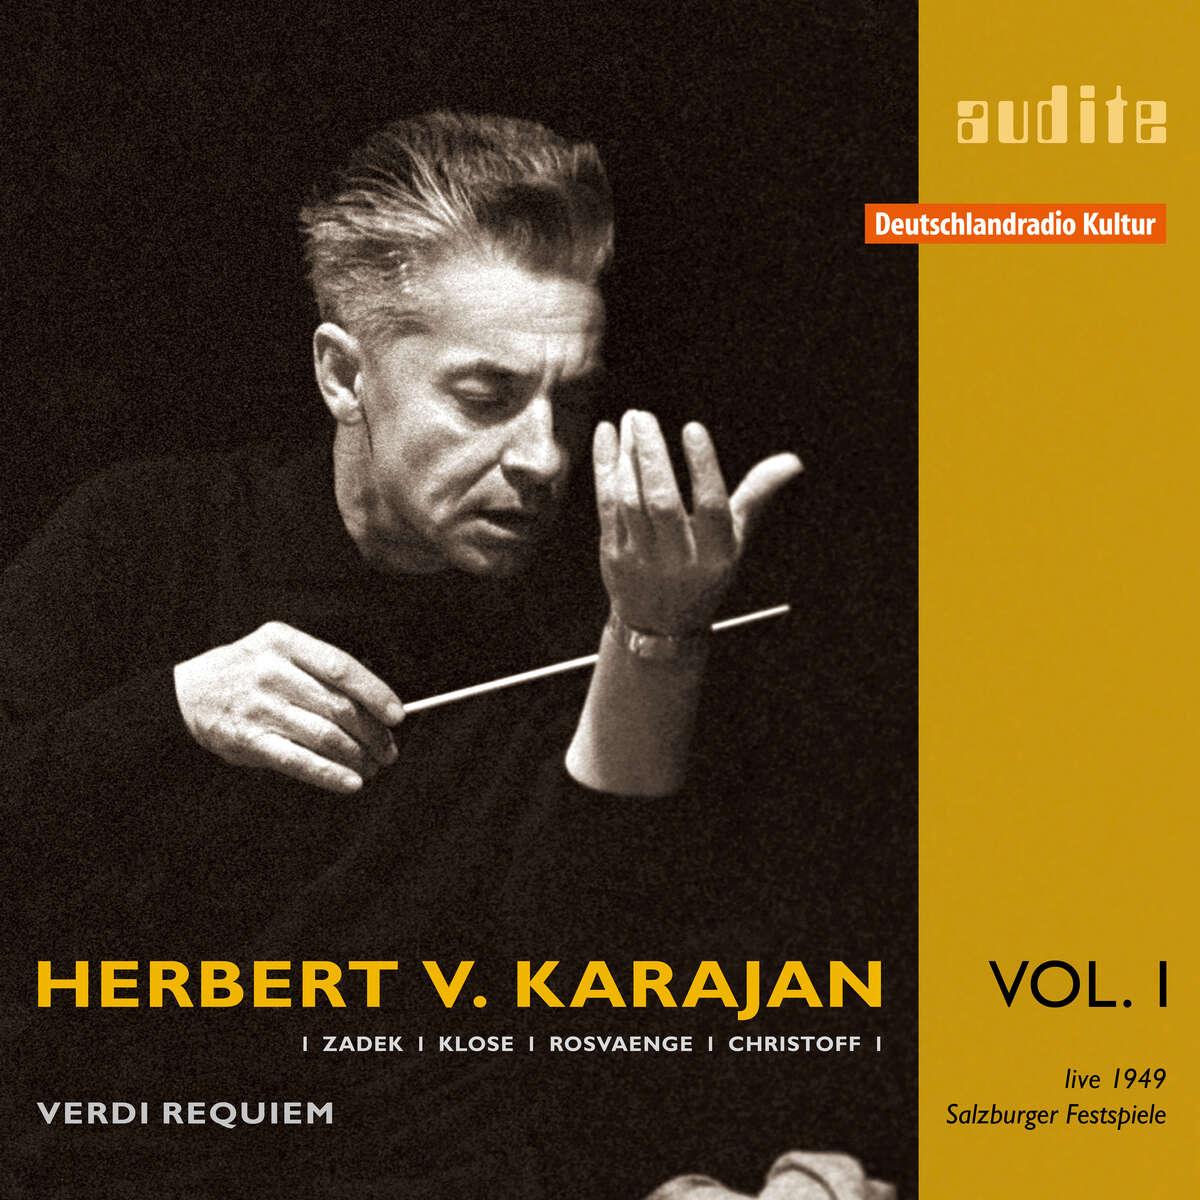 Edition von Karajan (I) – G. Verdi: Requiem